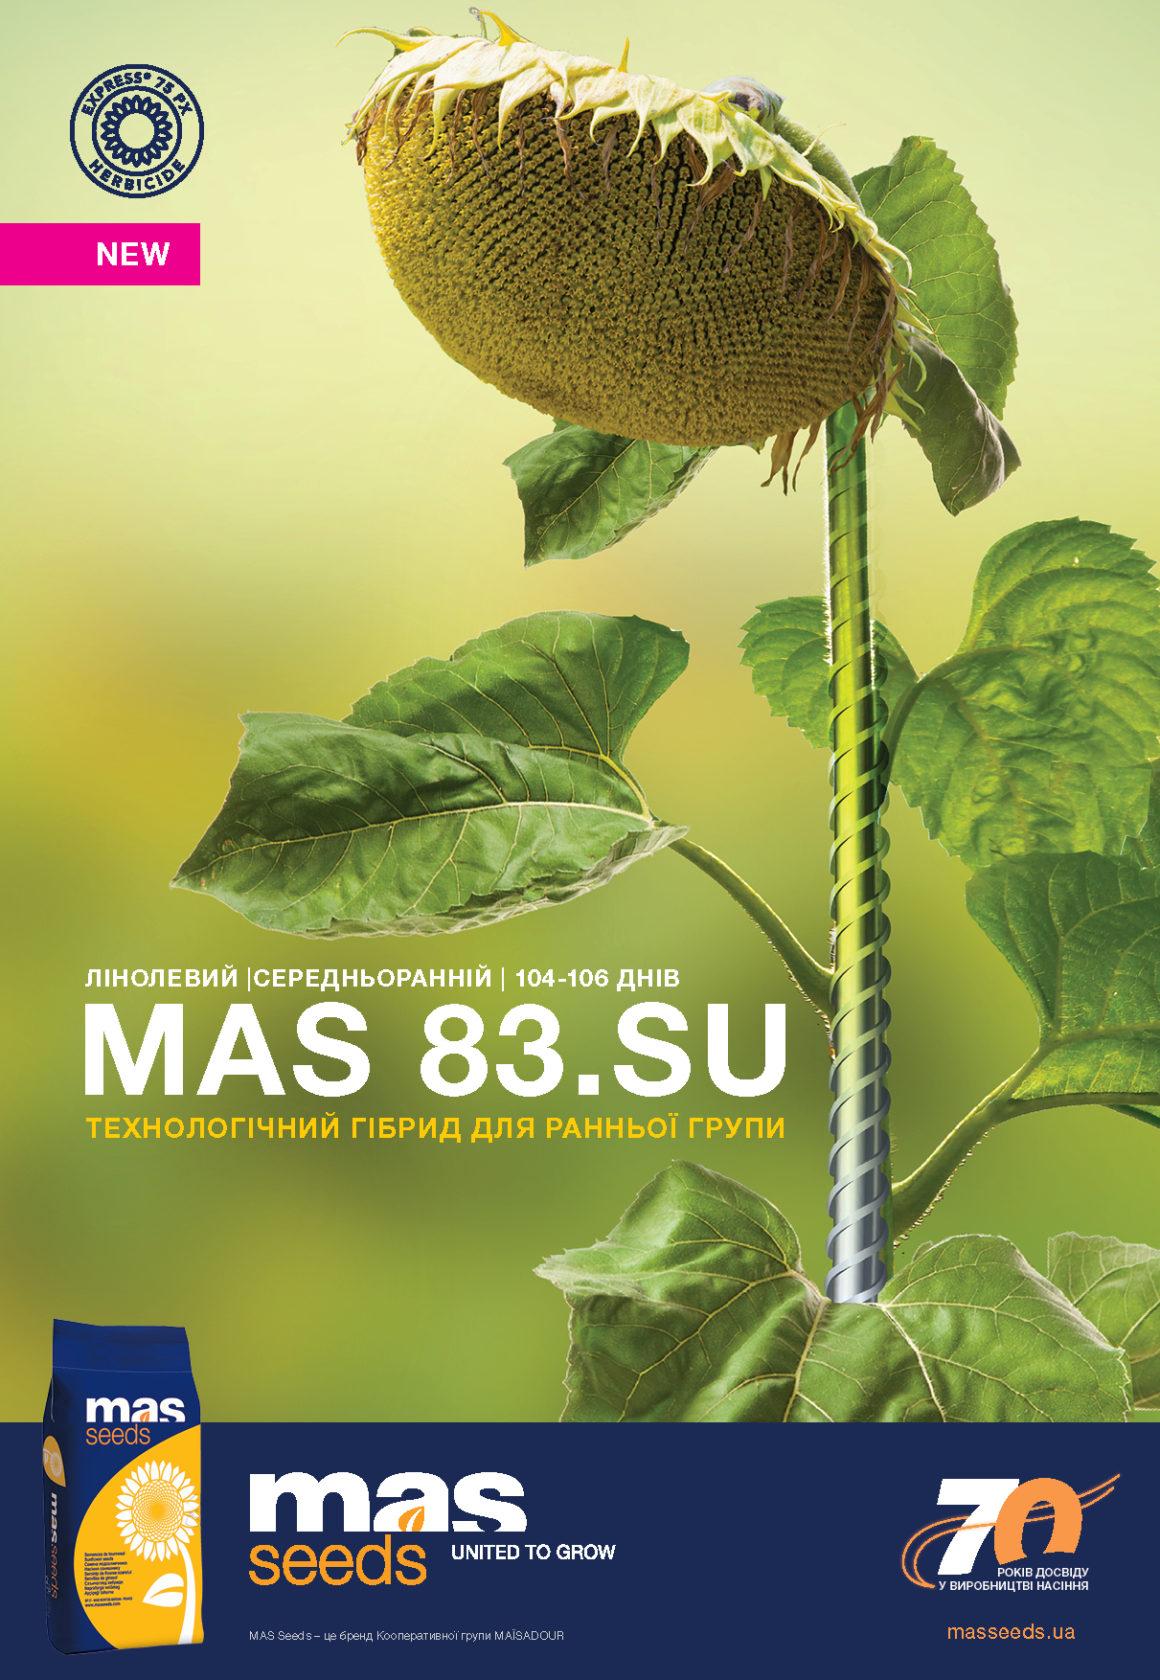 MAS 83.SU